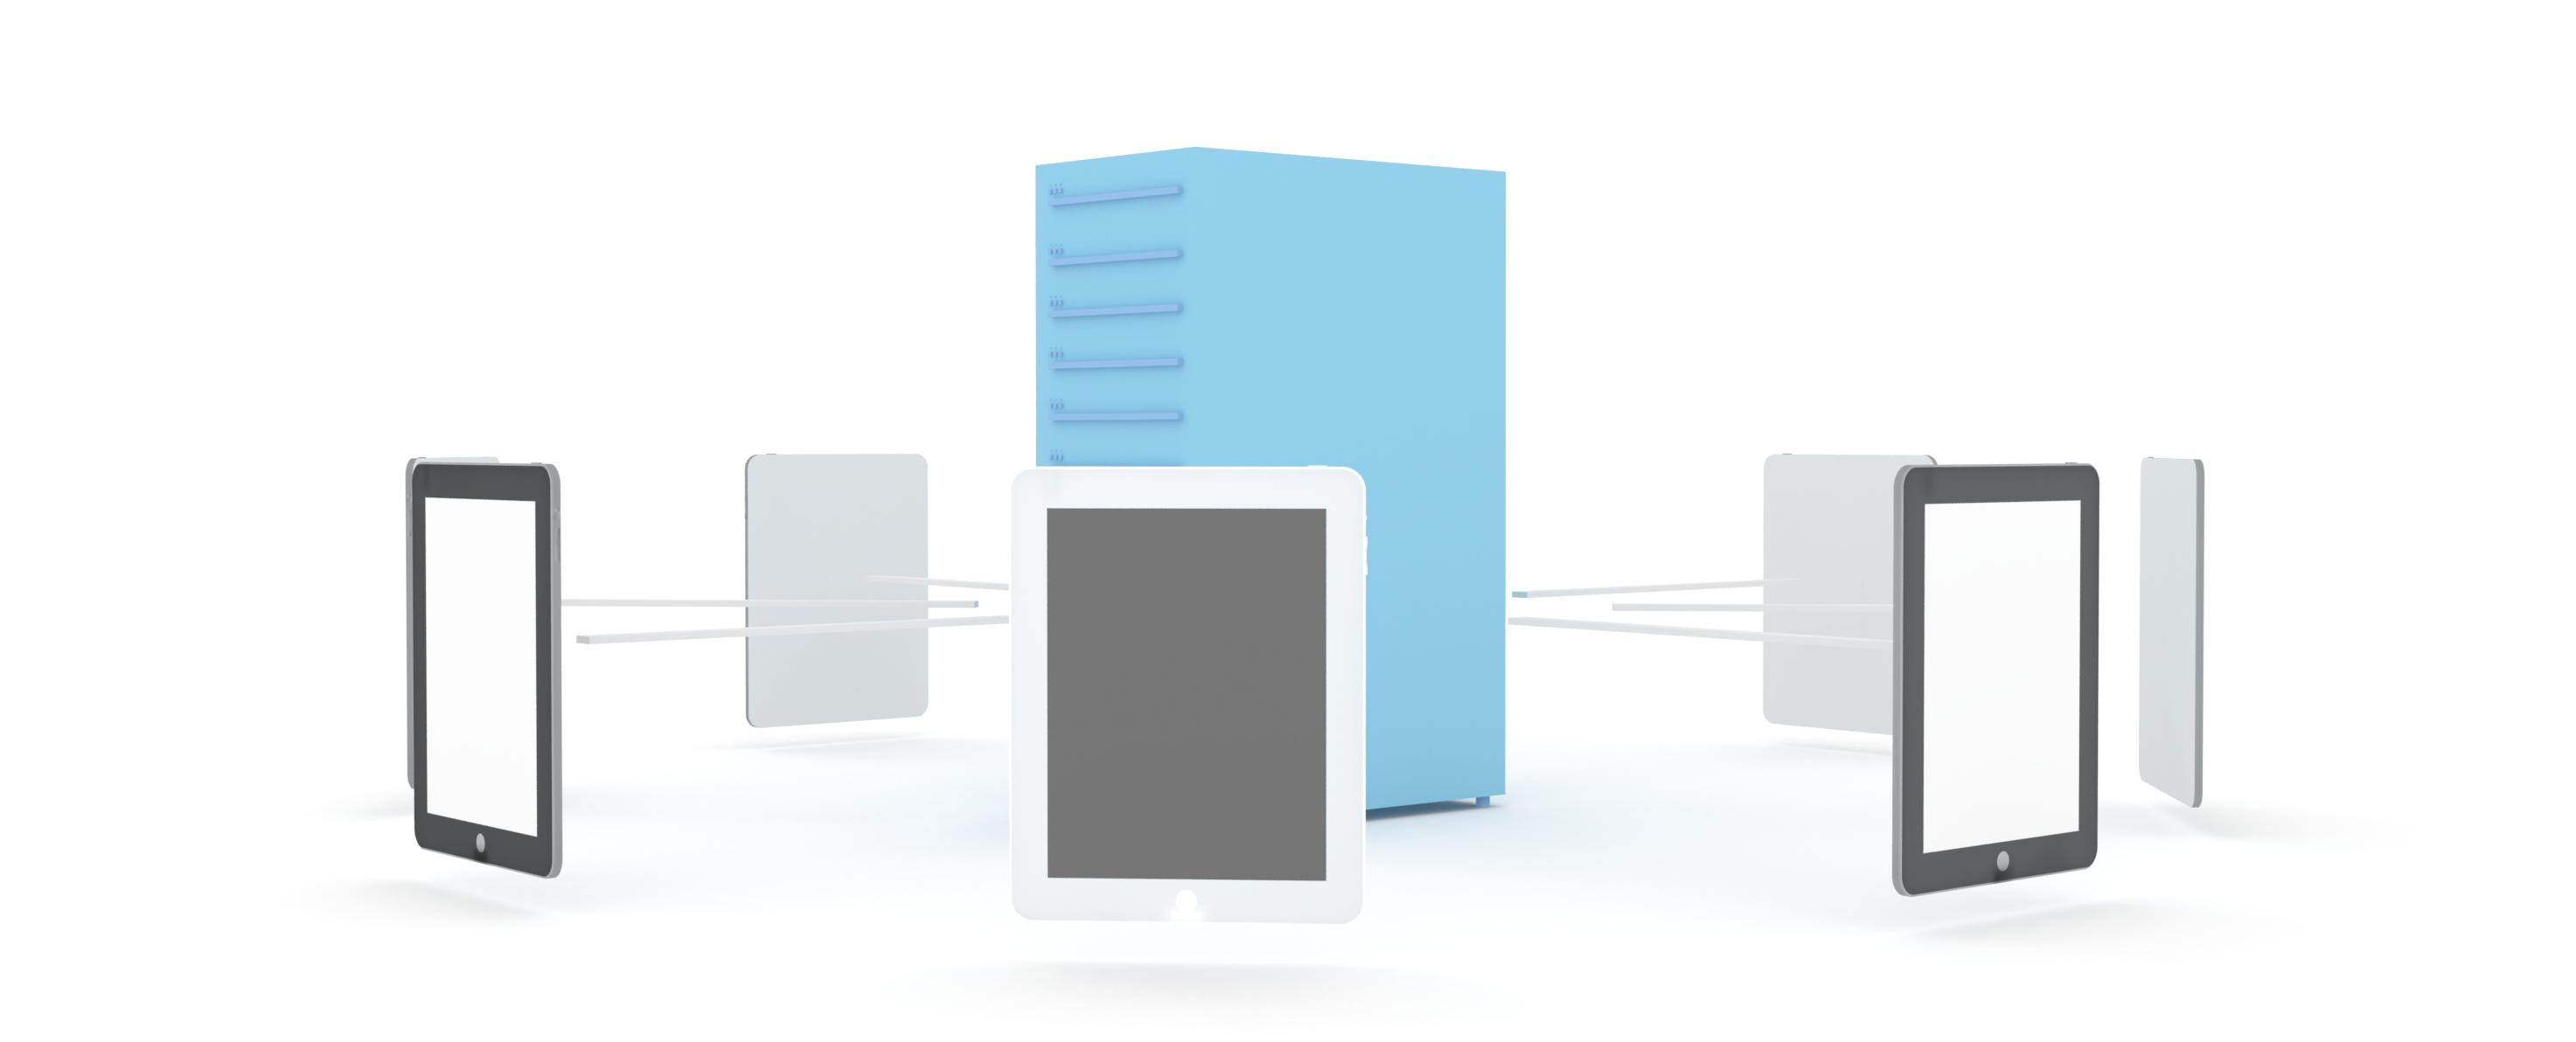 Ilustrativo tablets servidor